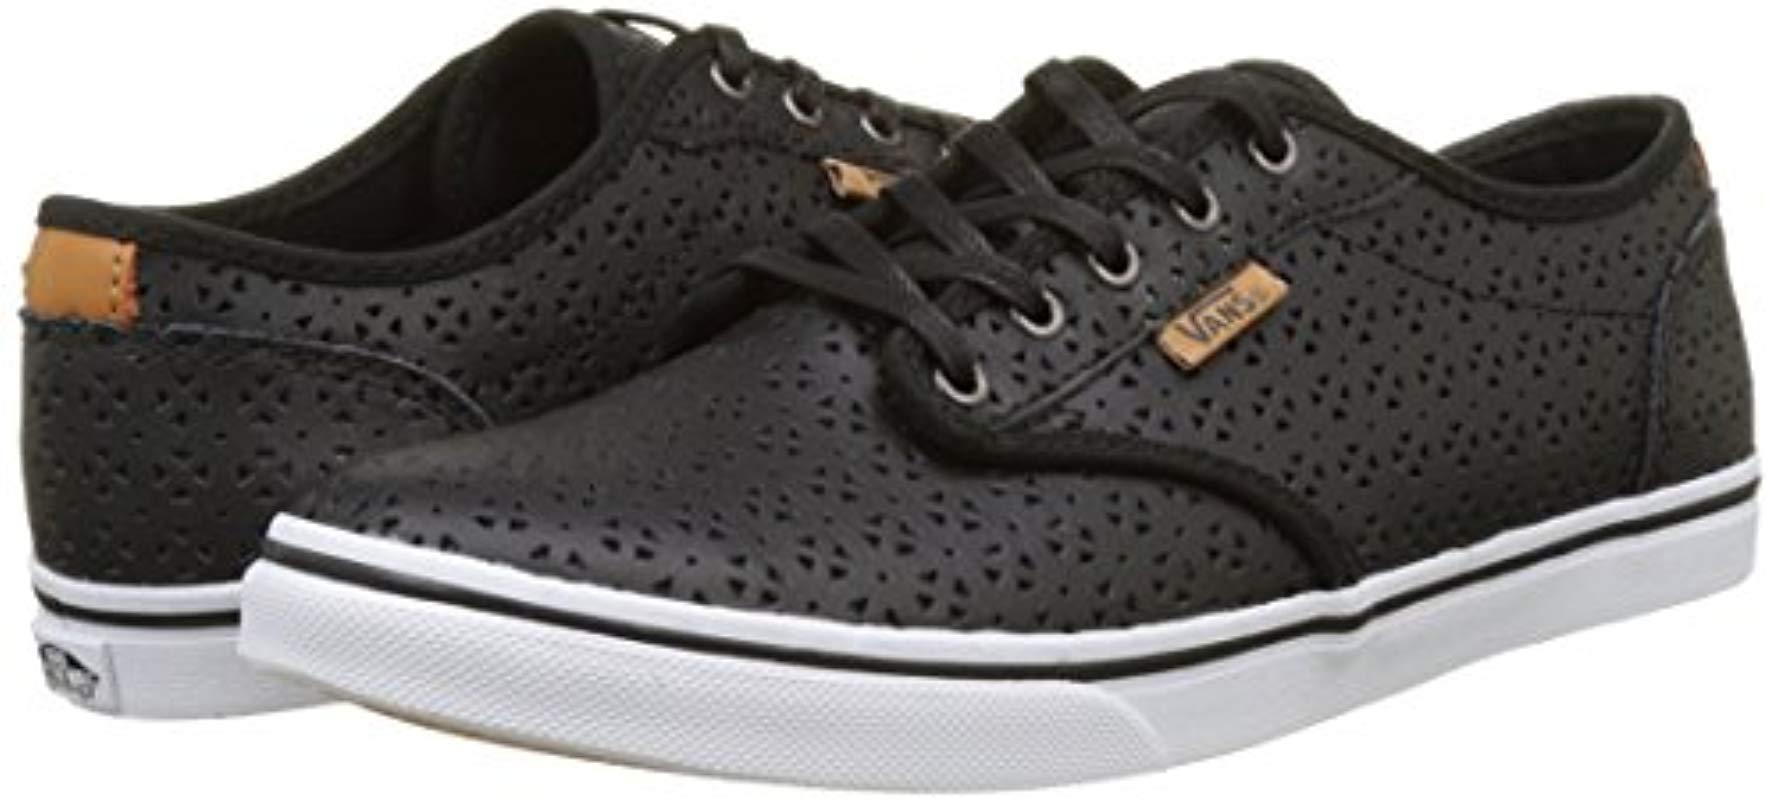 Lyst DxSneakers Vans Atwood Femme Wm Low Coloris En Basses Noir 8wv0NnOm